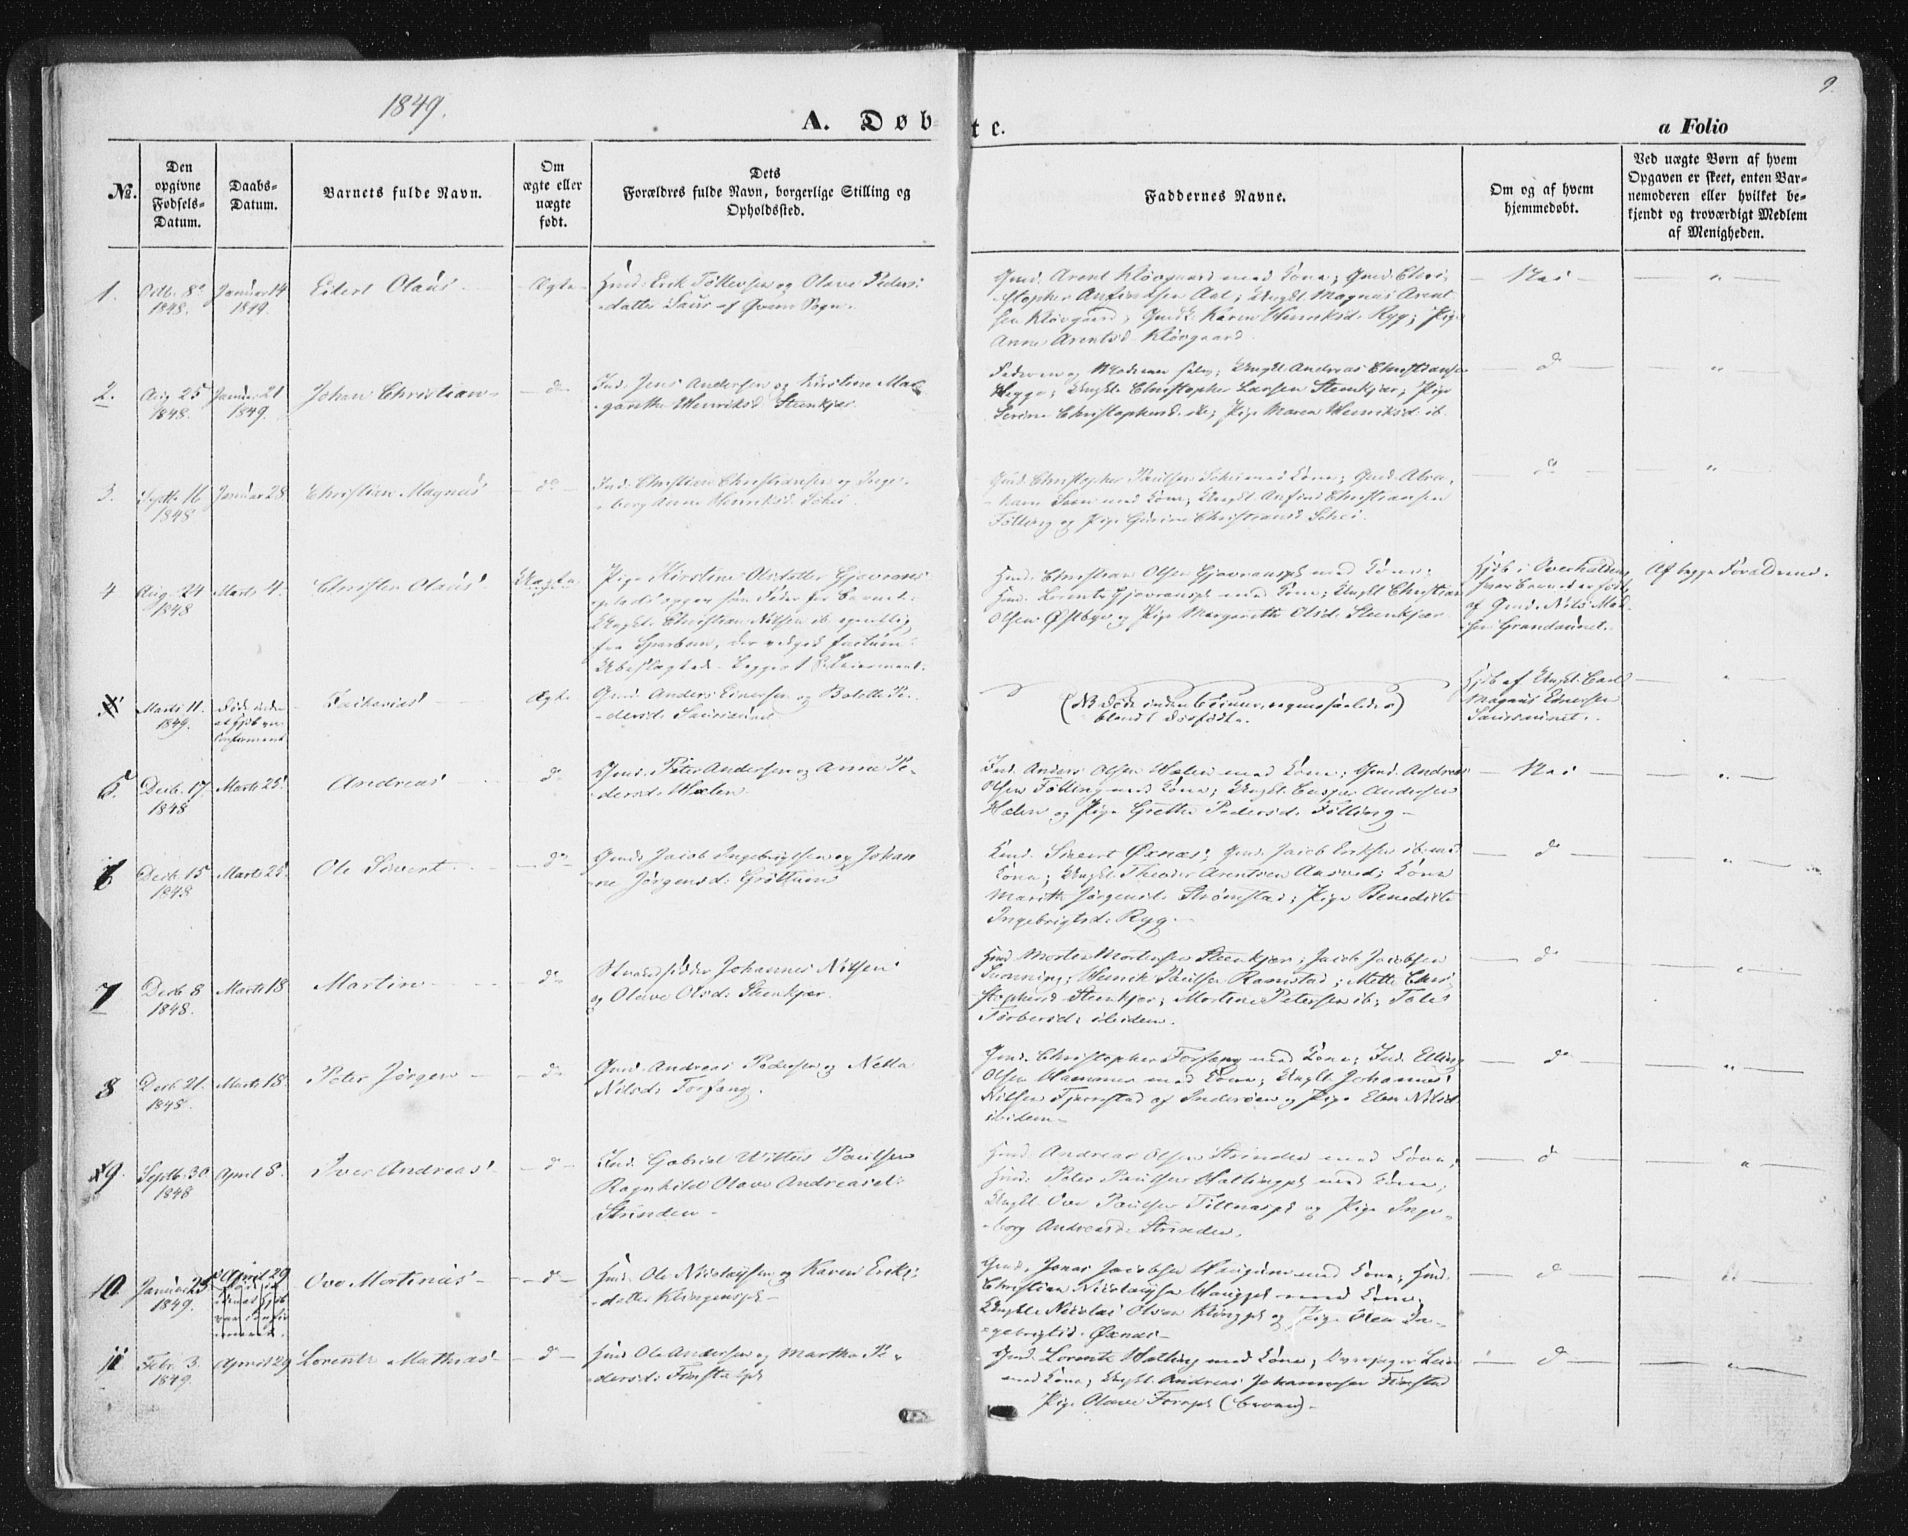 SAT, Ministerialprotokoller, klokkerbøker og fødselsregistre - Nord-Trøndelag, 746/L0446: Ministerialbok nr. 746A05, 1846-1859, s. 9